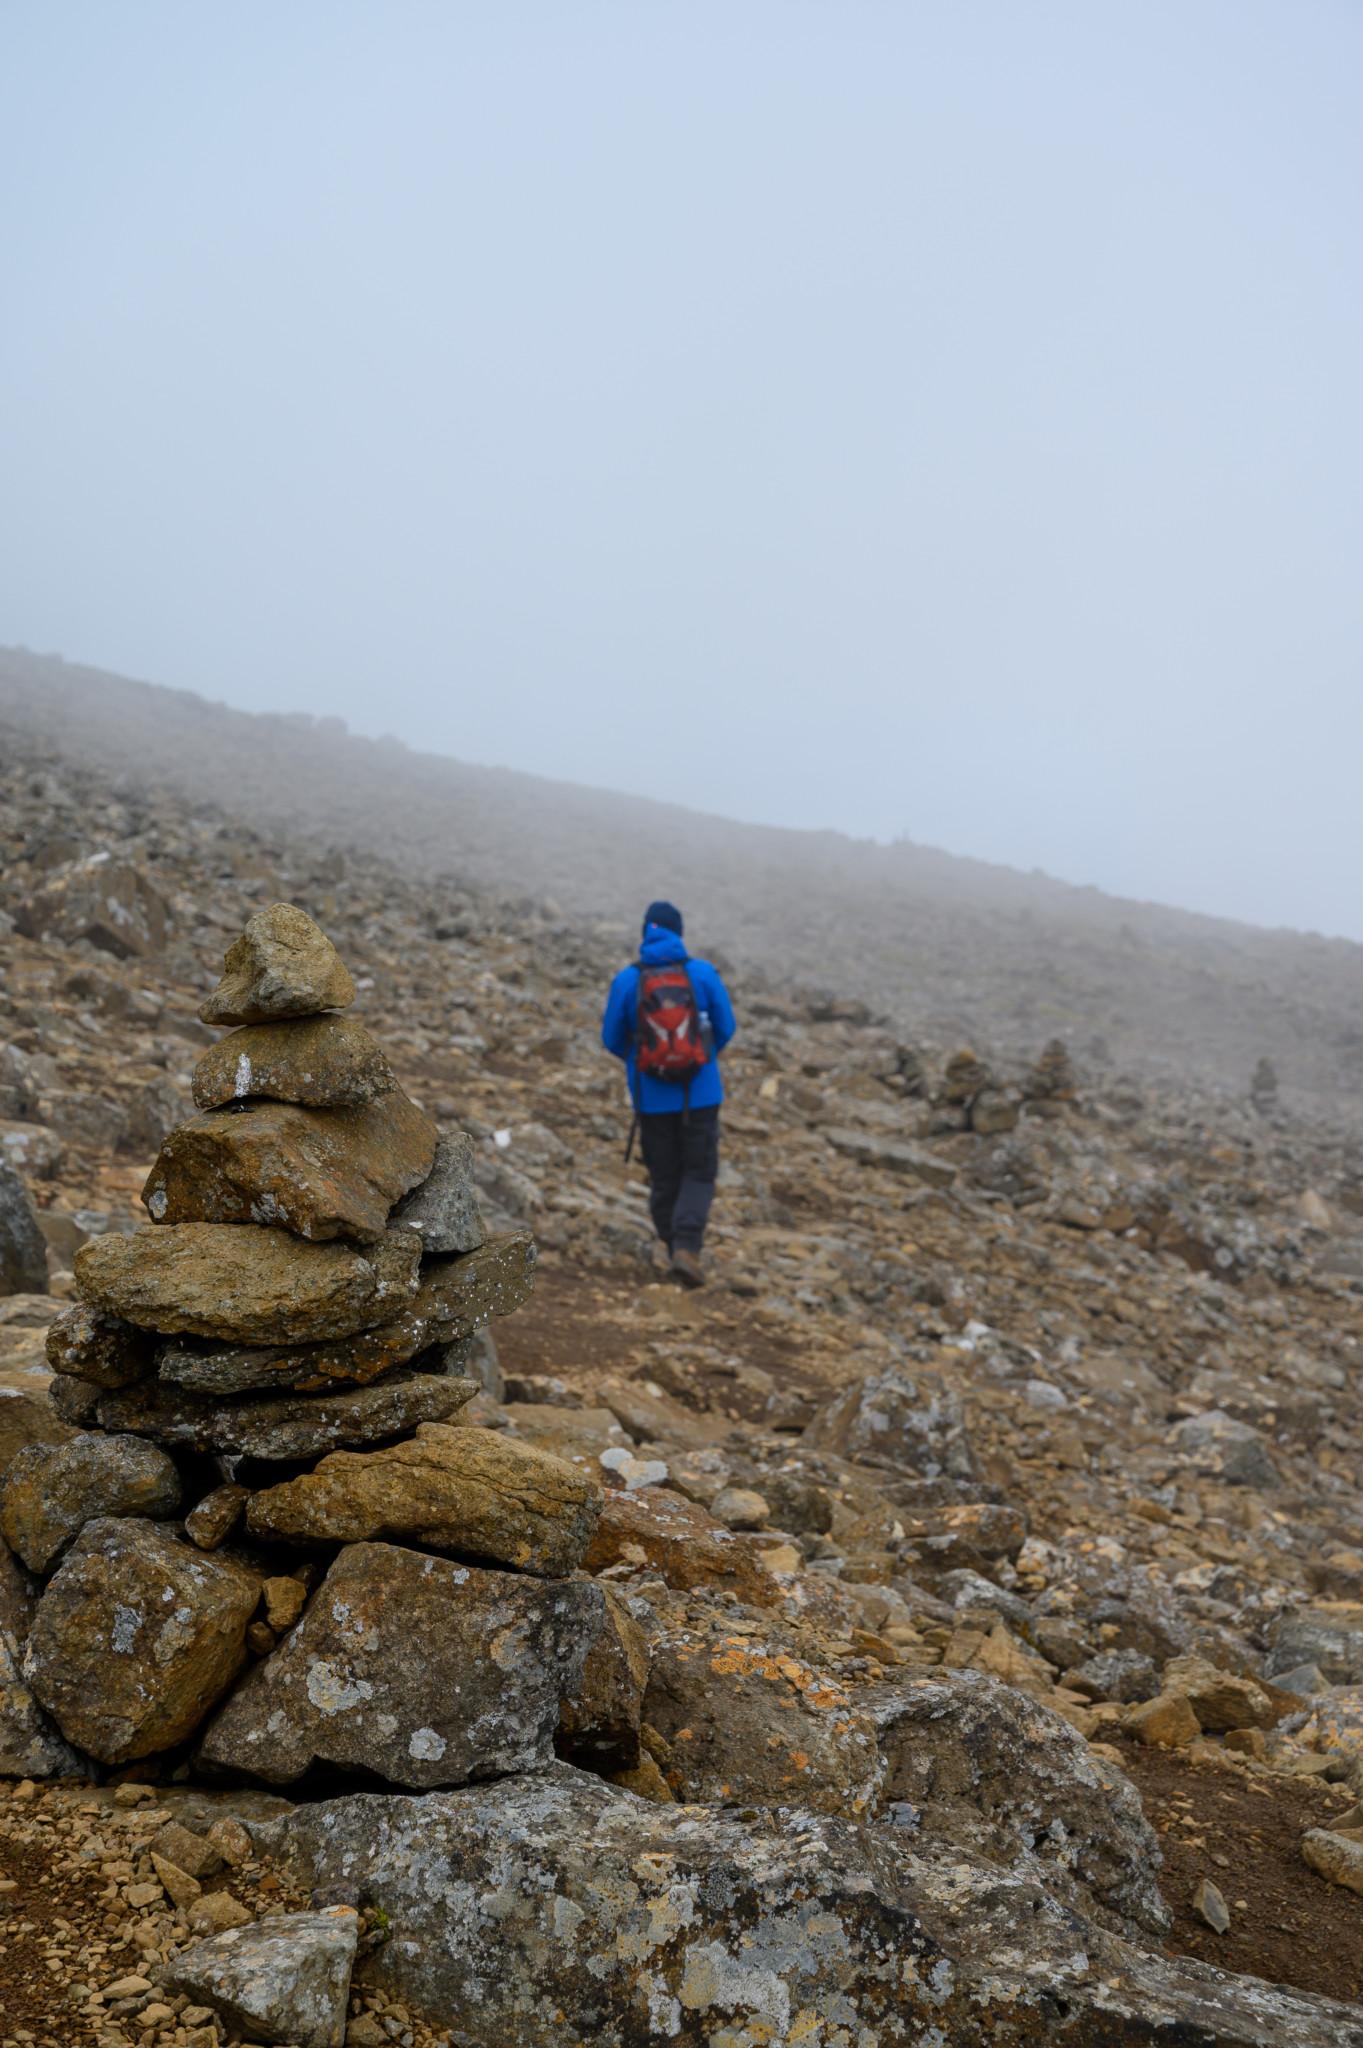 Enniberg Wanderung auf den Färöer Inseln